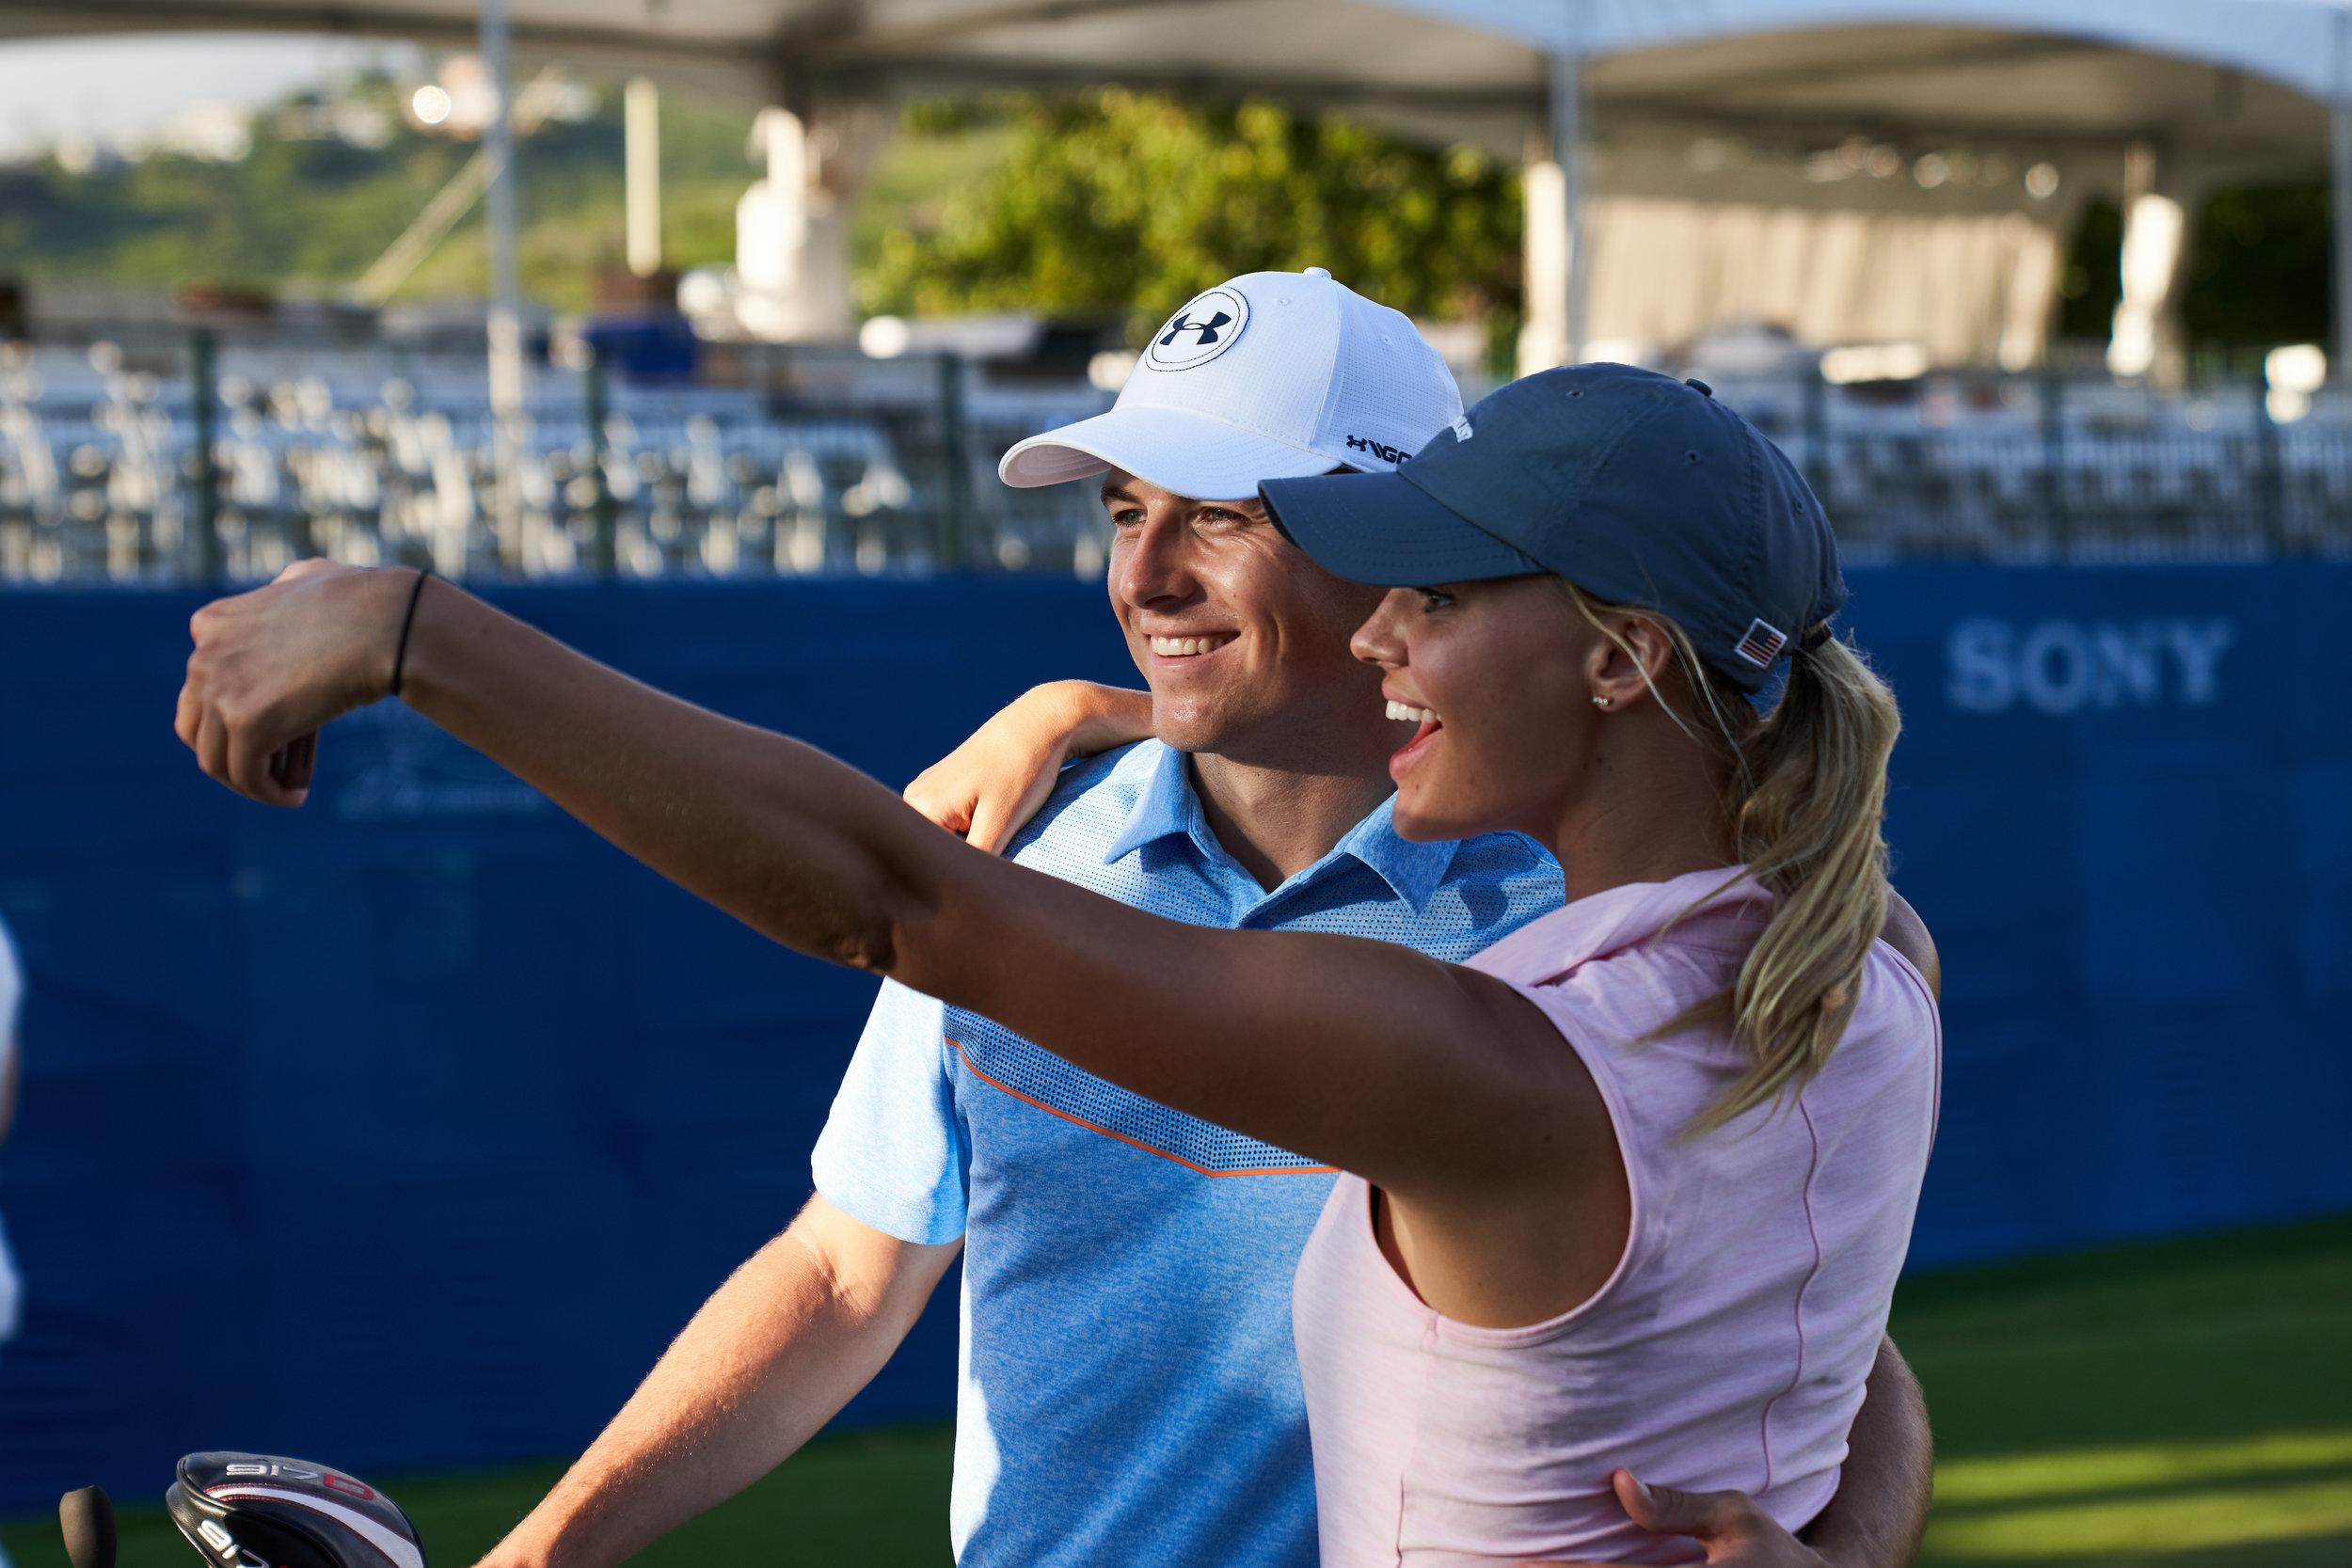 Jordan Spieth and Kelly Rohrbach,  18th hole.  Sony A7rIII, Sony 24-70mm f2.8 G Master